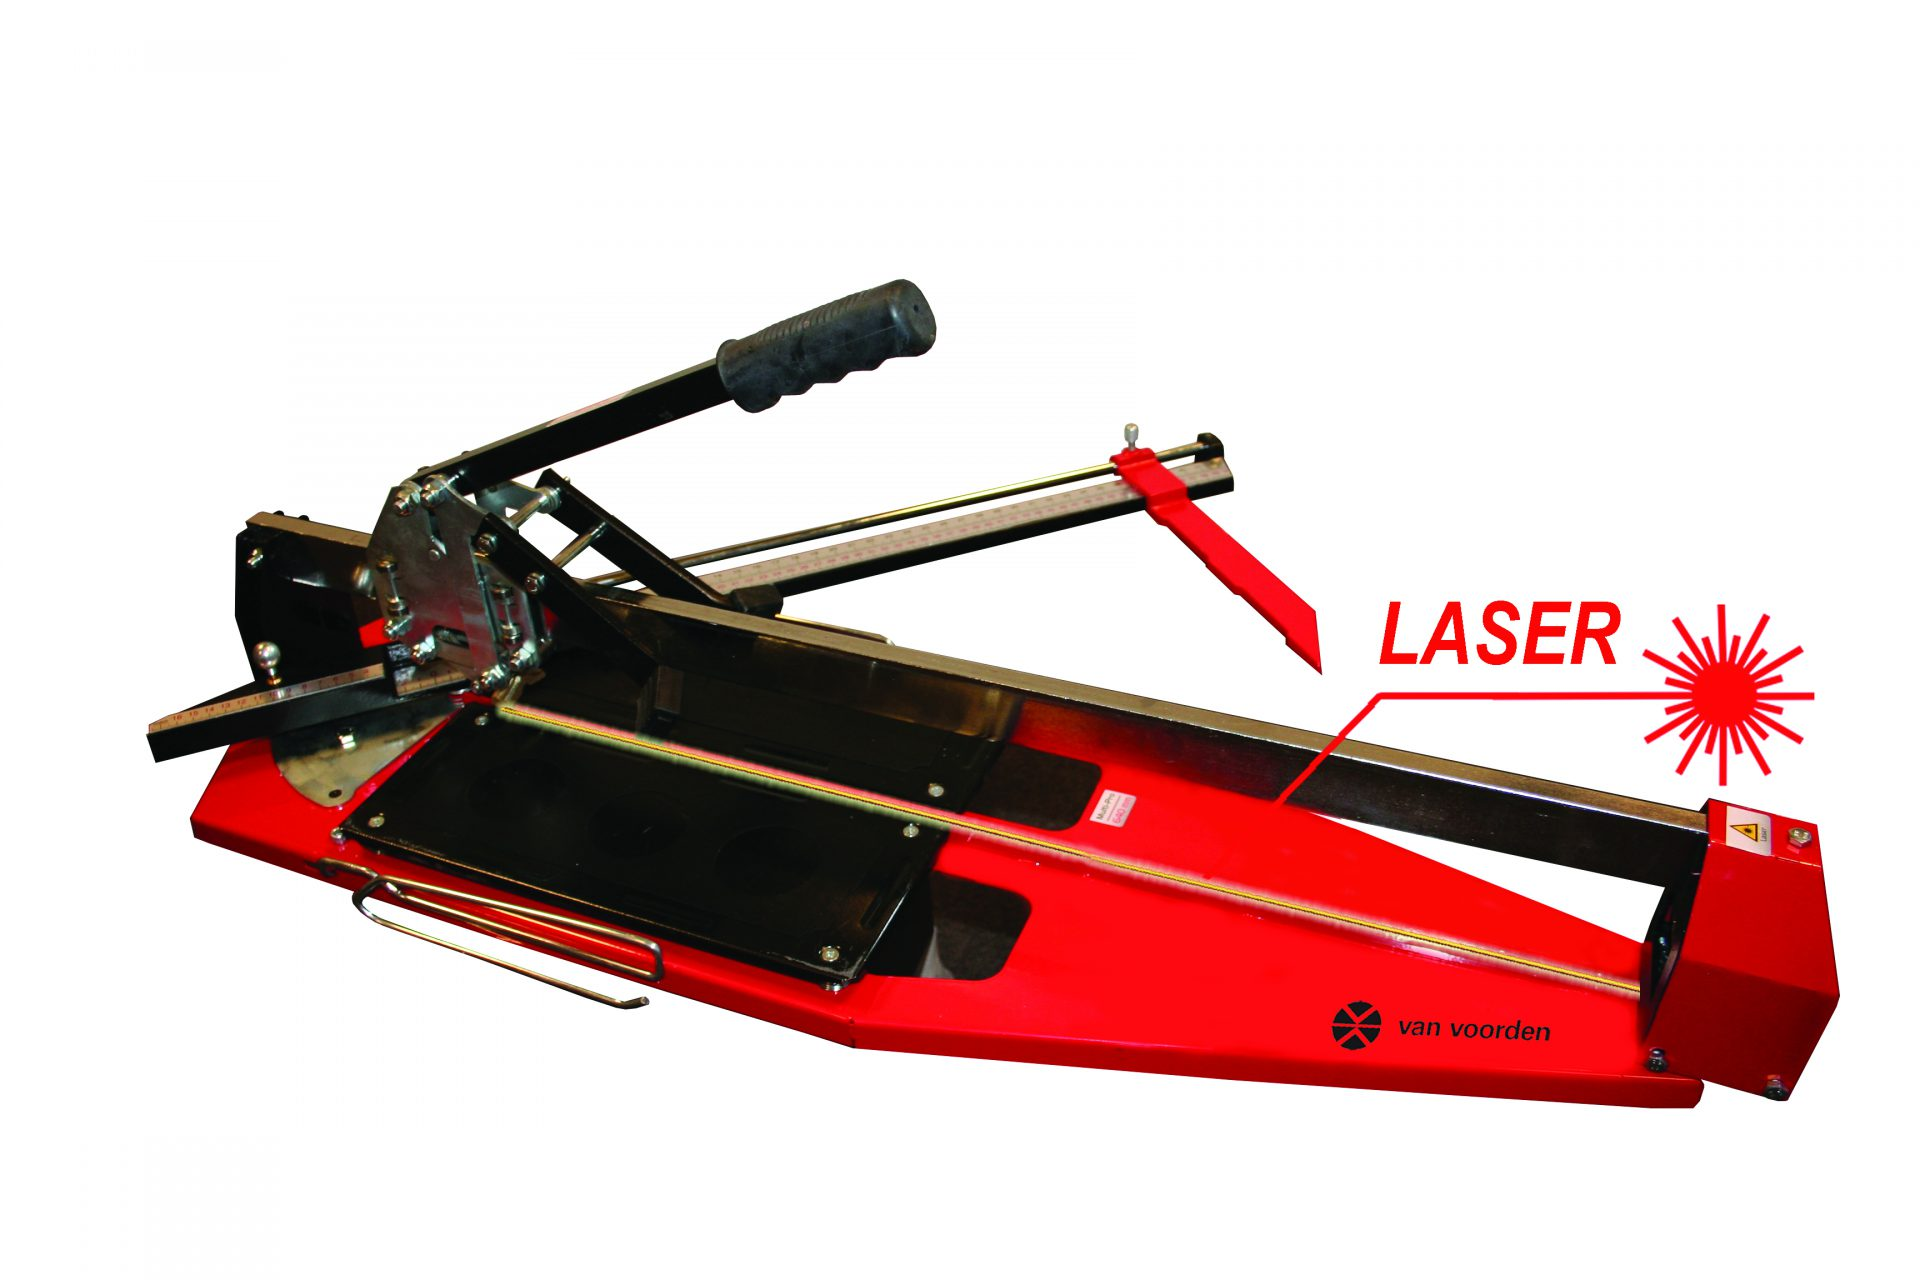 tegelsnijplank-laser-snijlijn-tegel-zetter-werkblad-professioneel-gebruik-multi-pro-voorden